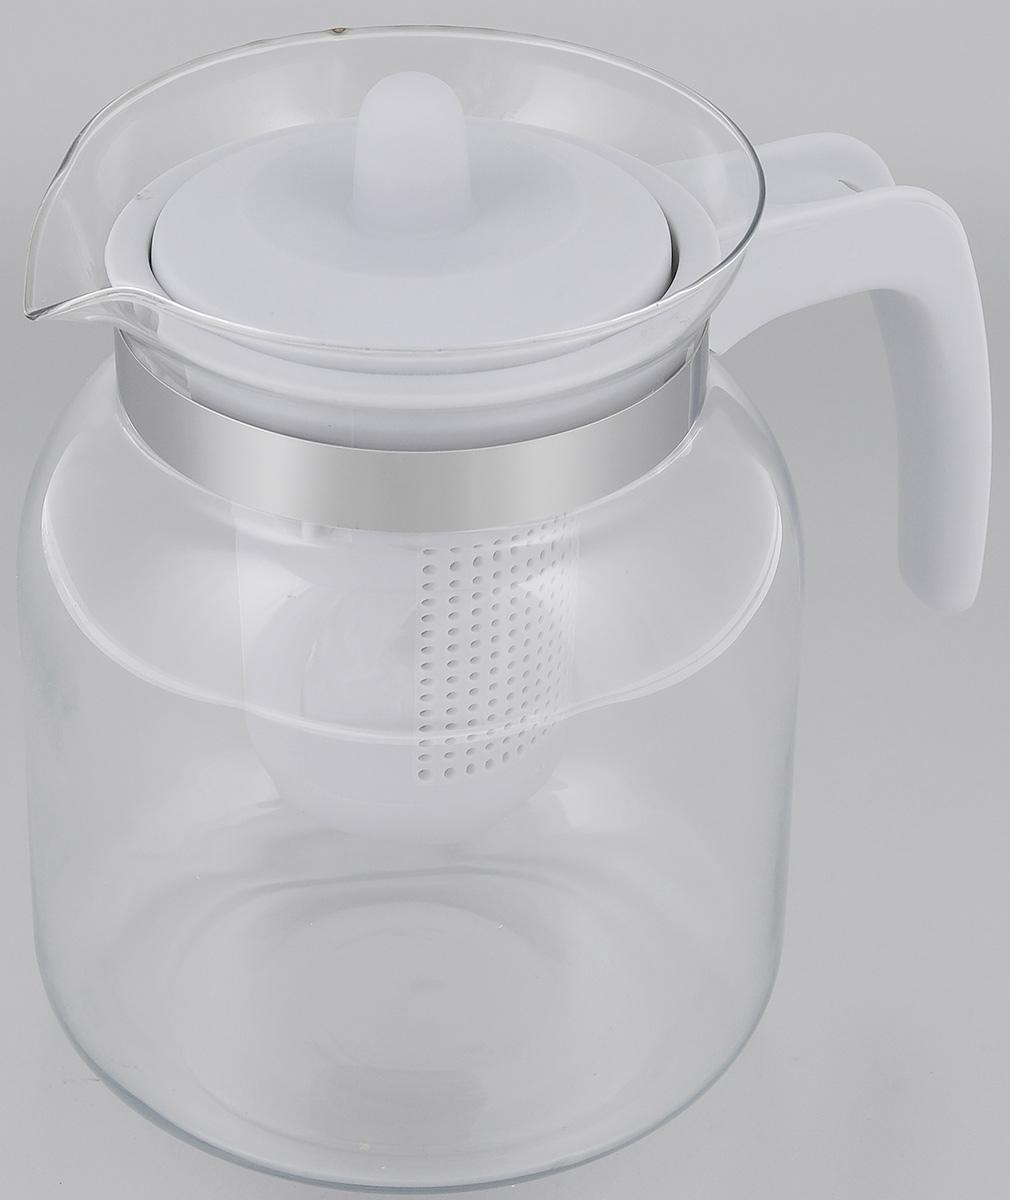 Чайник-кувшин Menu Чабрец, с фильтром, цвет: прозрачный, серый, 1,45 л54 009312Чайник-кувшин Menu Чабрец изготовлен из прочного стекла, которое выдерживает температуру до 100 °C. Он прекрасно подойдет для заваривания чая и травяных настоев.Классический стиль и оптимальный объем делают чайник удобным и оригинальным аксессуаром, который прекрасно подойдет для ежедневного использования. Ручка изделия выполнена из пищевого пластика, она не нагревается и обеспечивает безопасность использования. Благодаря съемному ситечку и оптимальной форме колбы, чайник-кувшин Menu Чабрец идеально подходит для использования его в качестве кувшина для воды и прохладительных напитков.Диаметр чайника по верхнему краю: 10,3 см.Общий диаметр чайника: 11 см.Высота чайника (без учета ручки и крышки): 15,6 см.Высота чайника (с учетом ручки и крышки): 17 см.